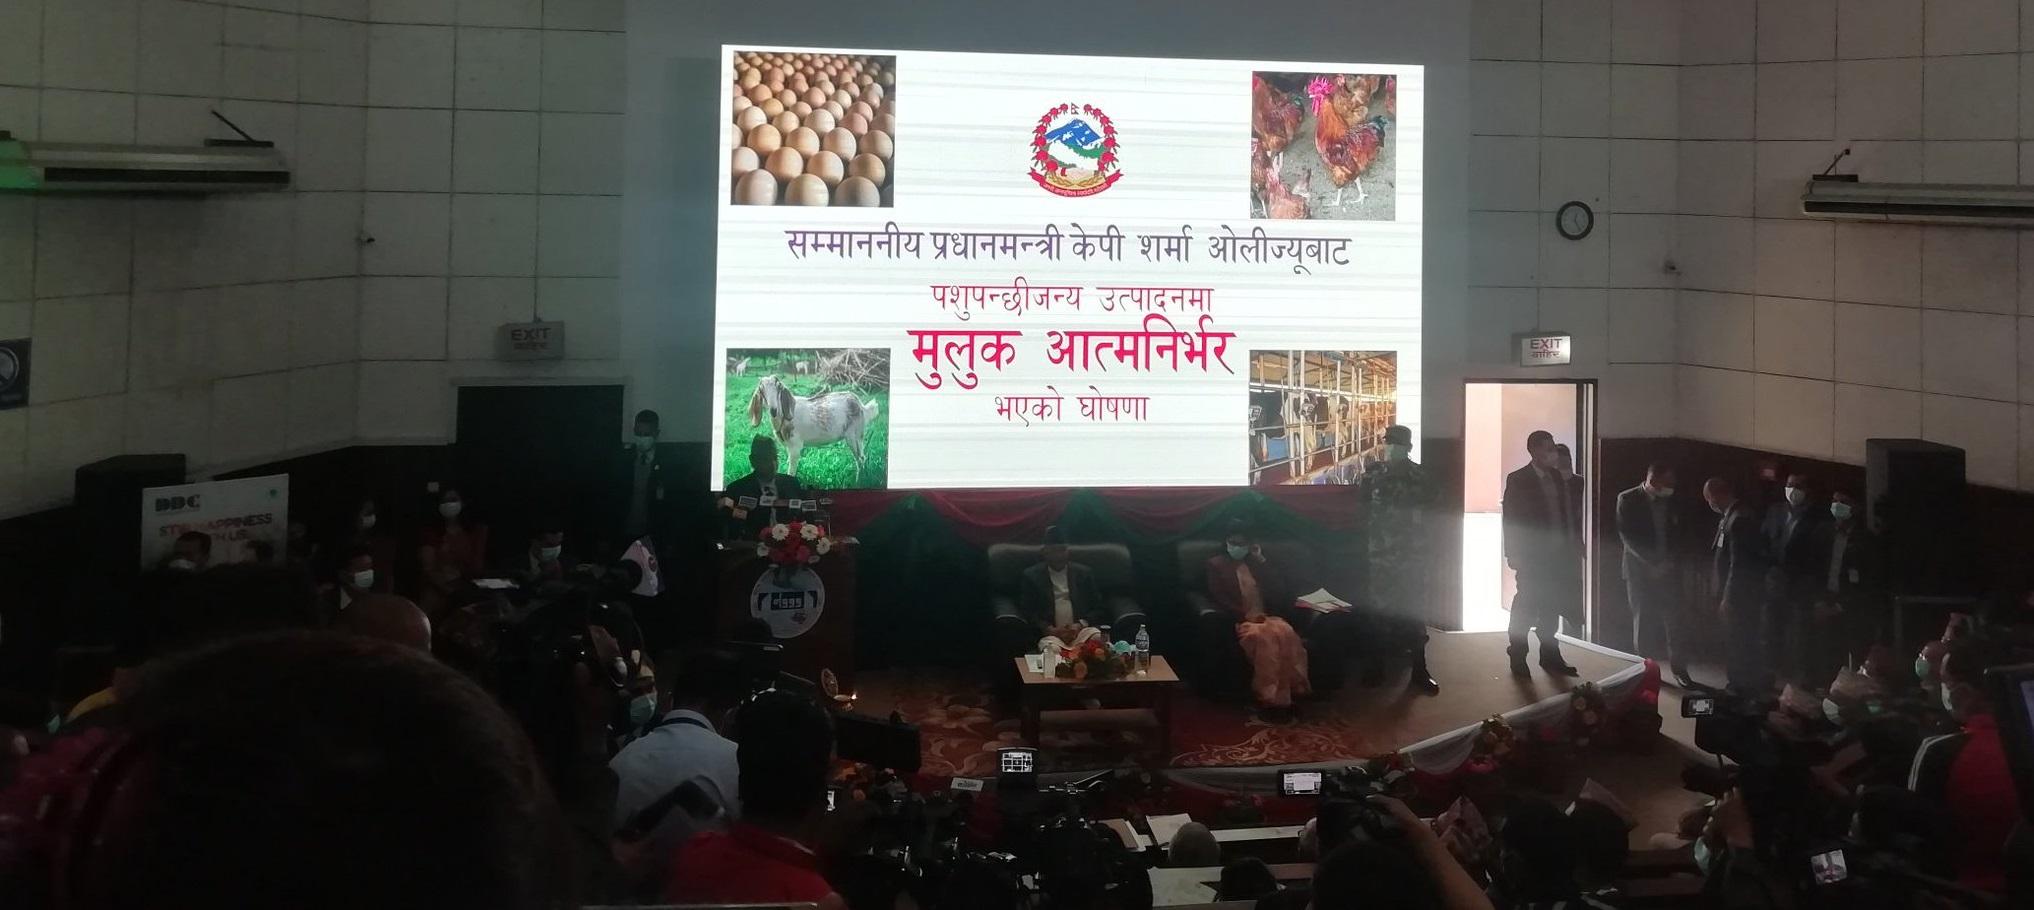 अण्डा, मासु, धूलो दूध र बटरमा नेपाल आत्मनिर्भर